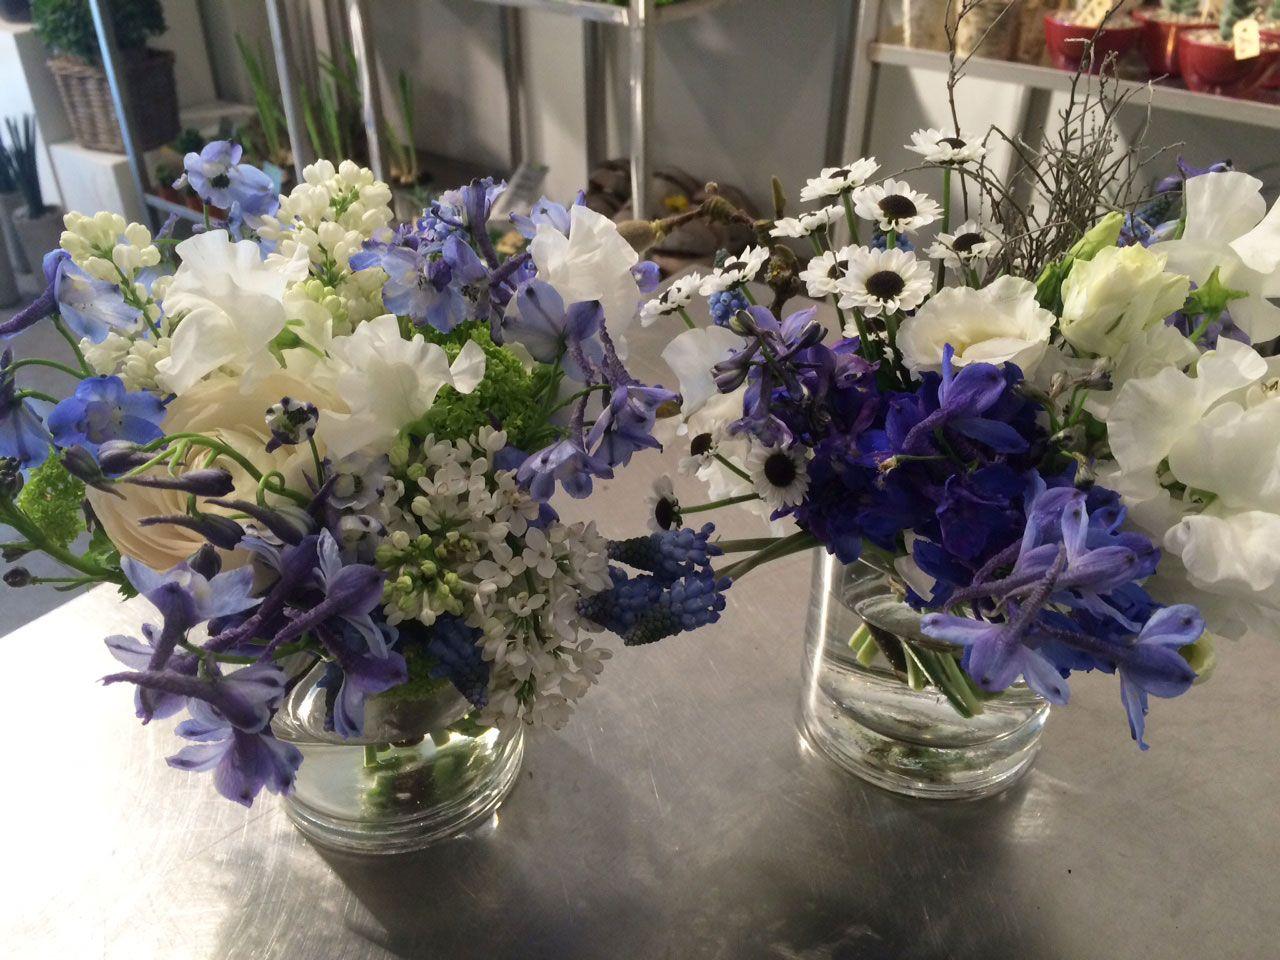 Tischdekoration blumenstrauss in blau wei for Tischdekoration hochzeit blumen